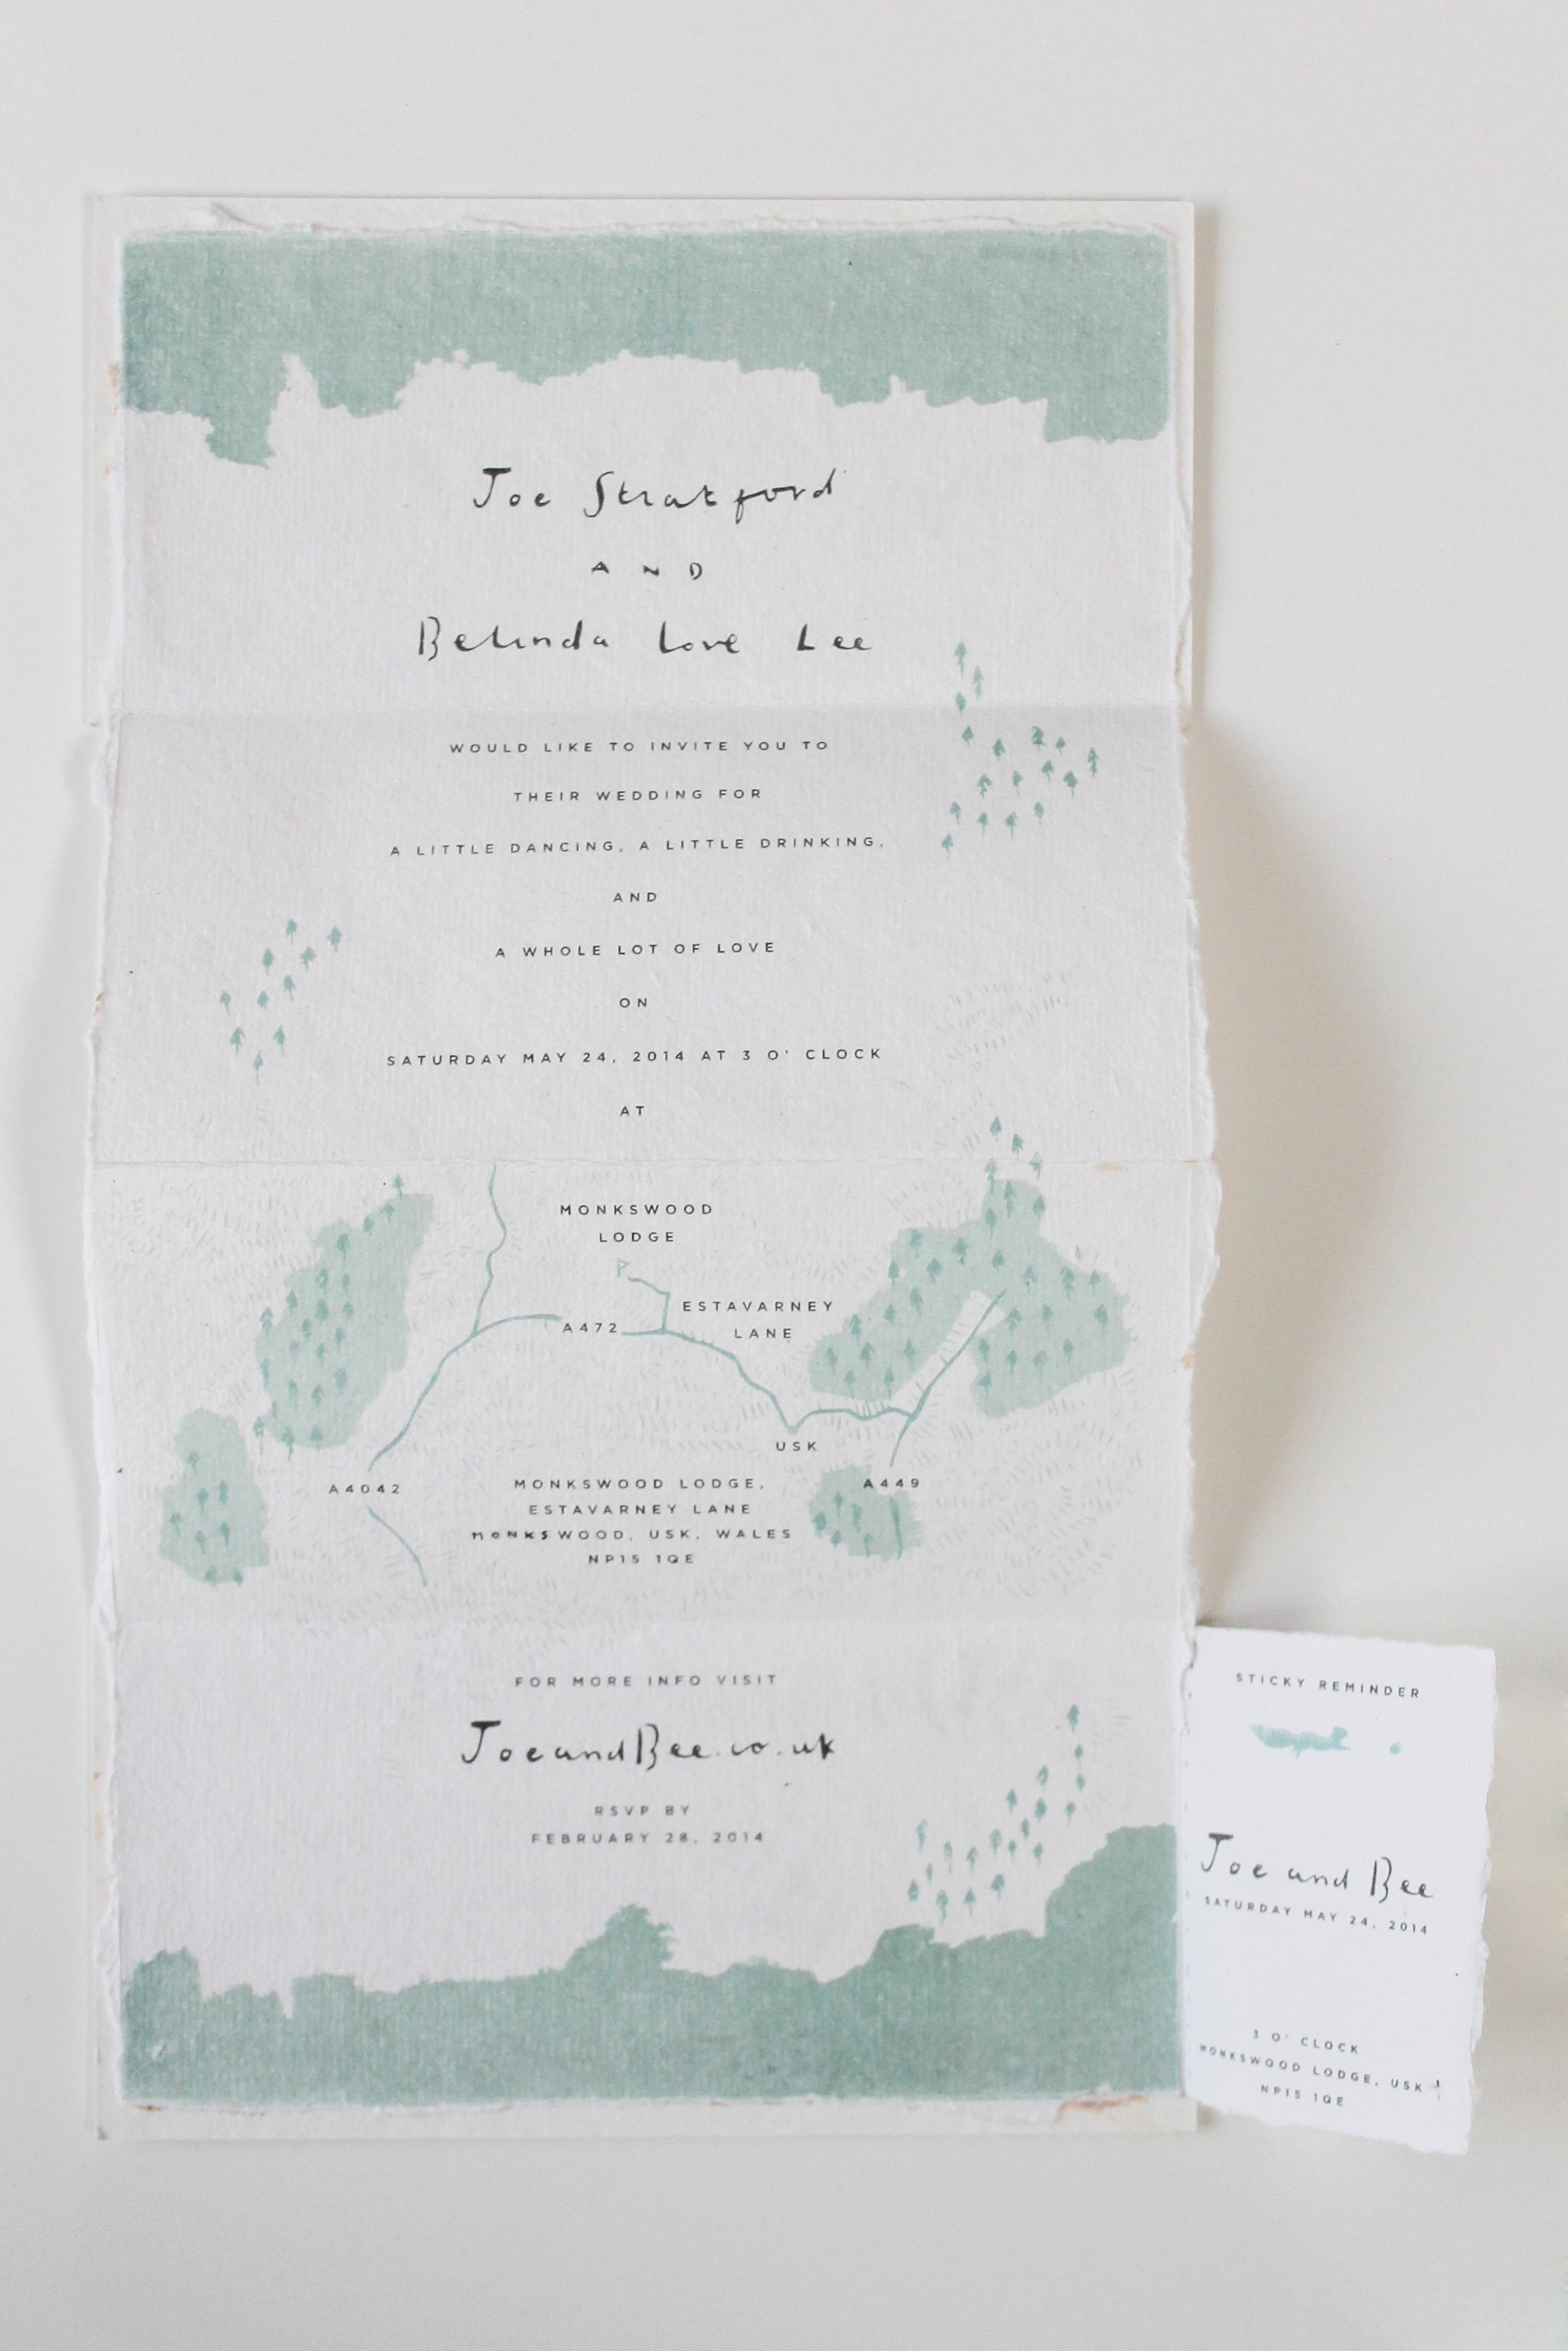 Joe and Bee's Wedding Suite by Belinda Love Lee